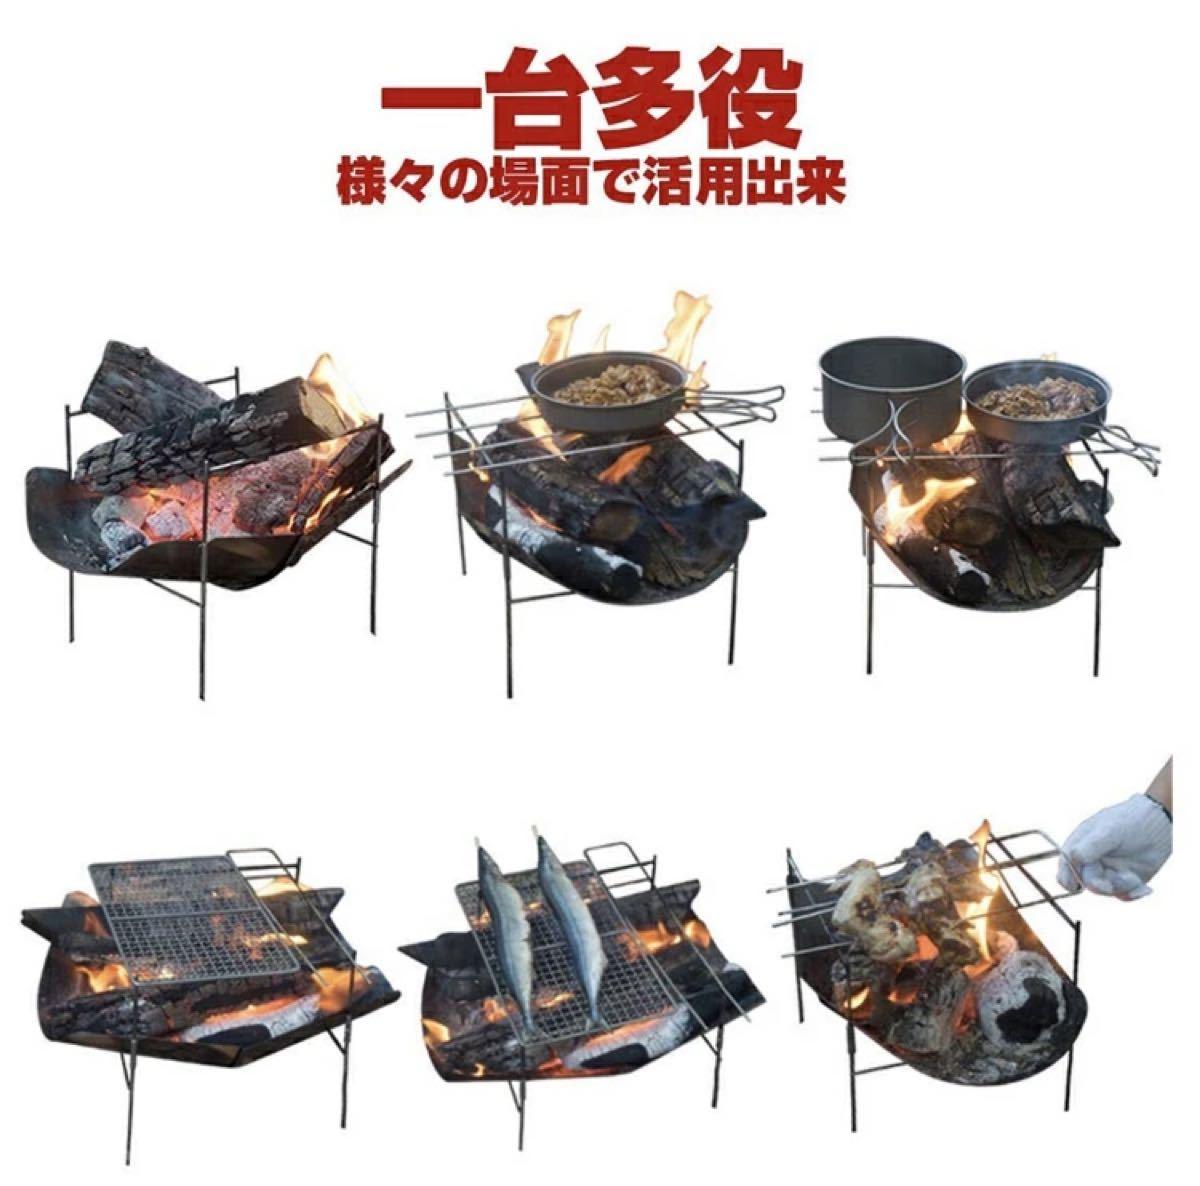 焚き火台 焚火台 バーベキューコンロ 軽量 頑丈 キャンプやソロキャンプに